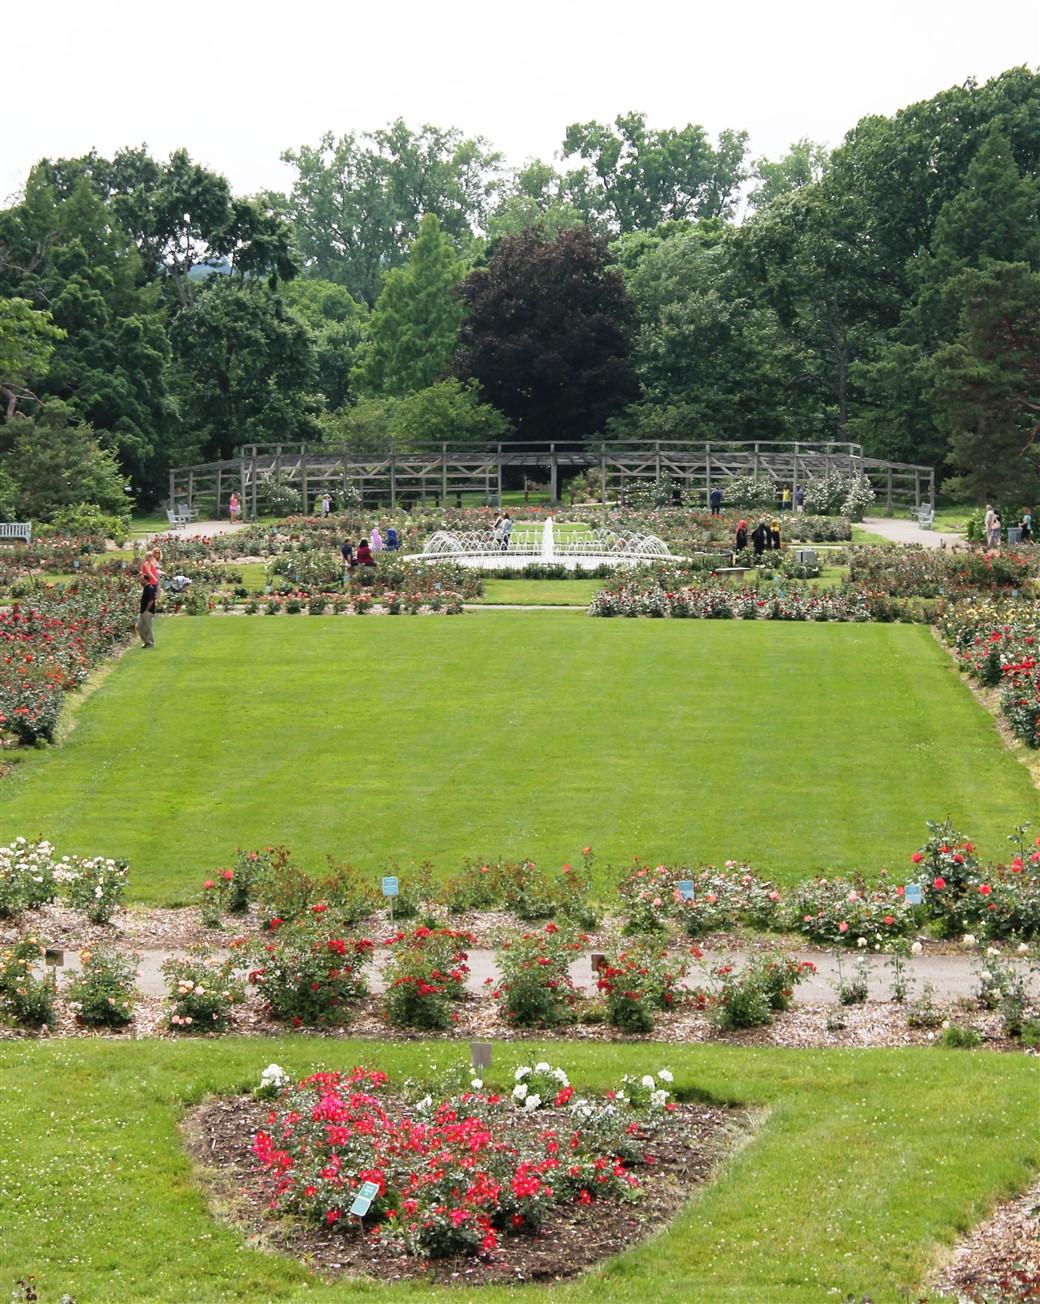 2015 06 07 294 Whetstone Rose Gardens